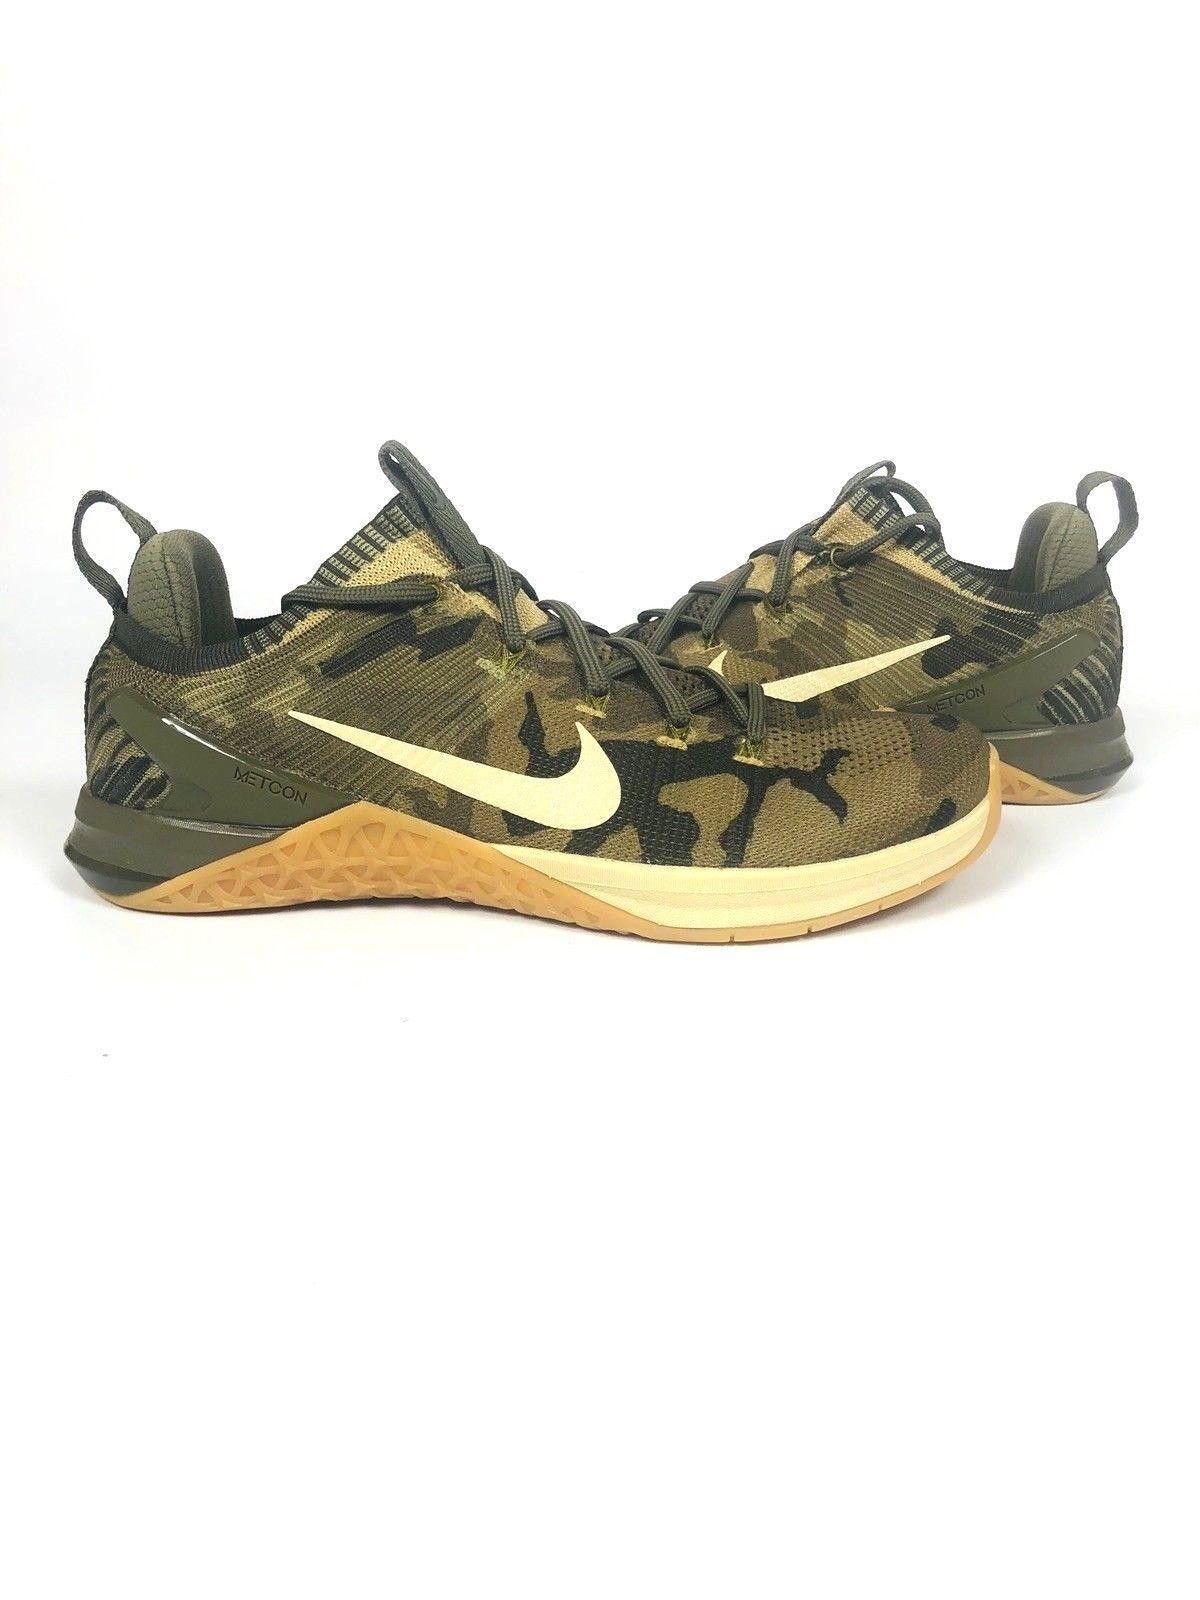 Nike metcon dsx flyknit flyknit flyknit 2 verde oliva mimetico 924423-300 scarpe uomini più dimensioni | elegante  3e8a3d